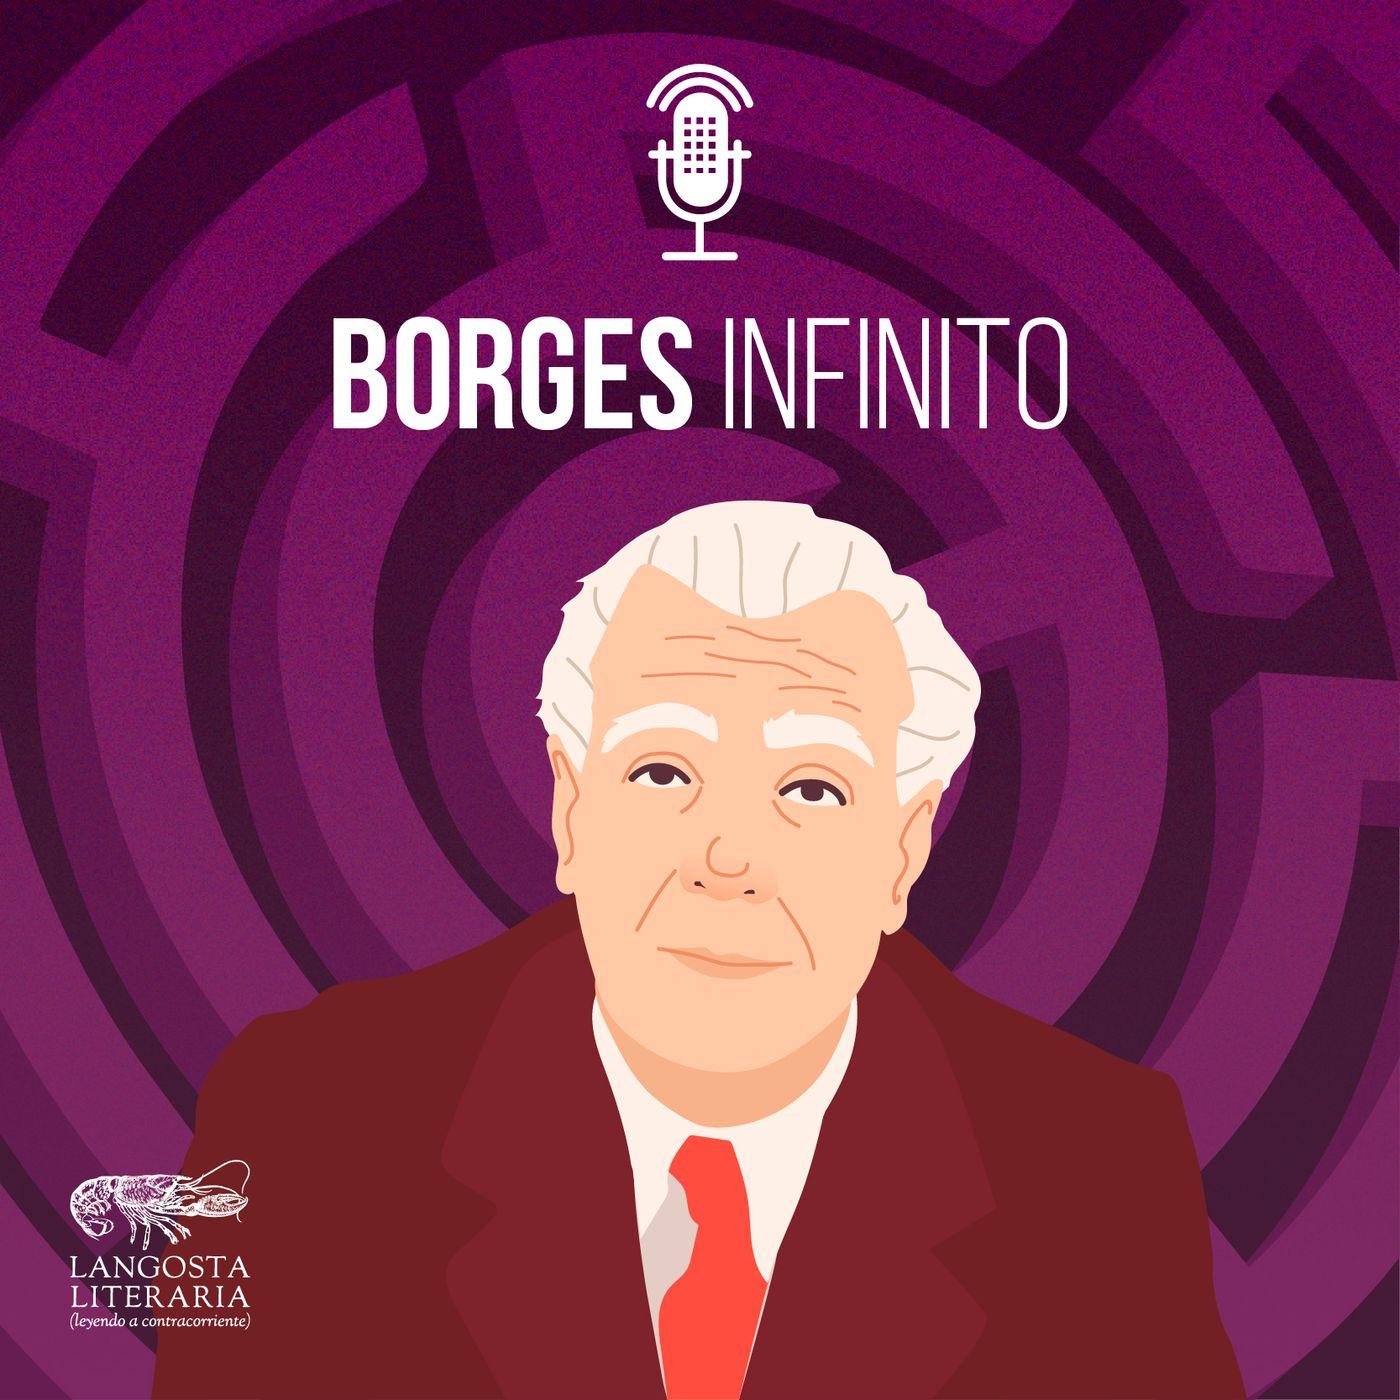 Borges Infinito